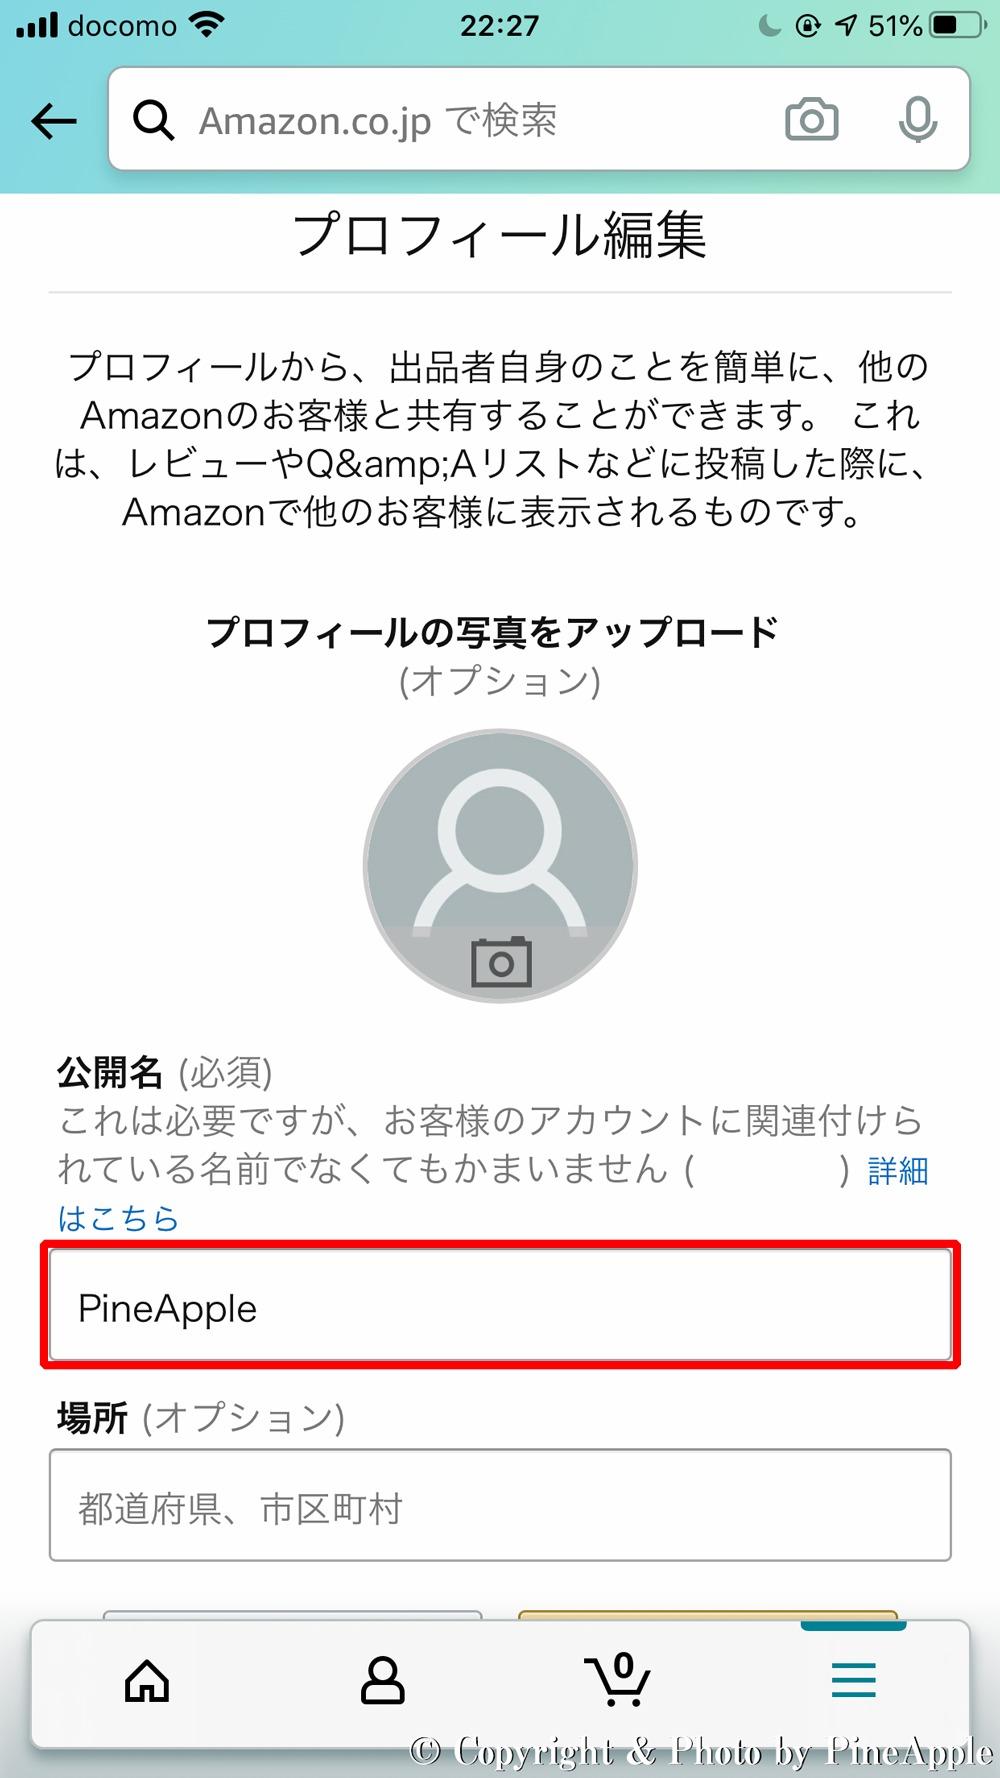 Amazon アカウントの「公開名」を編集する方法:「公開名(必須)」をタップし、任意の公開名を入力後、「完了」をタップ